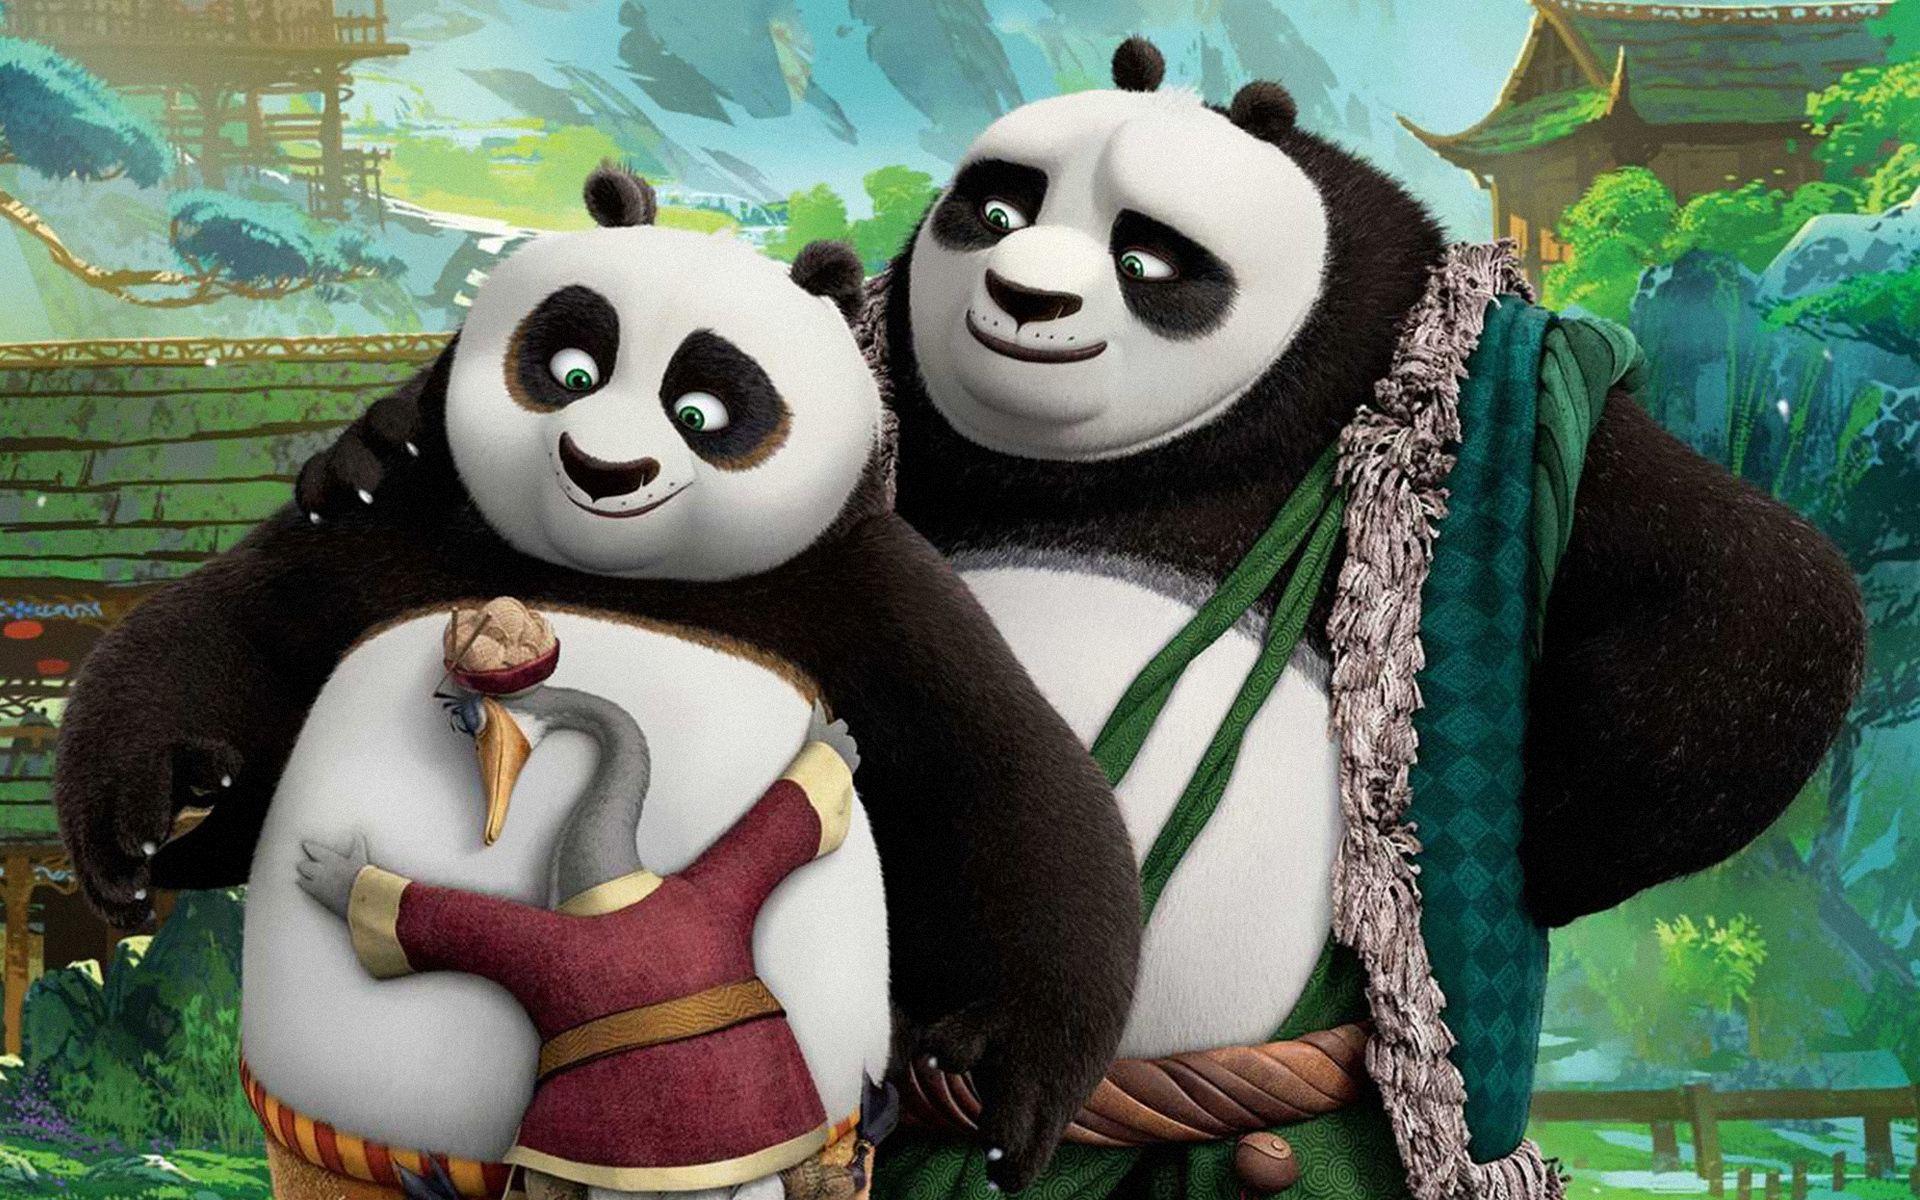 7 kogustaki mucize full izle 2019 filmizleplay com : Kung Fu Panda 3 izle - SinemaGecesi Sunar!